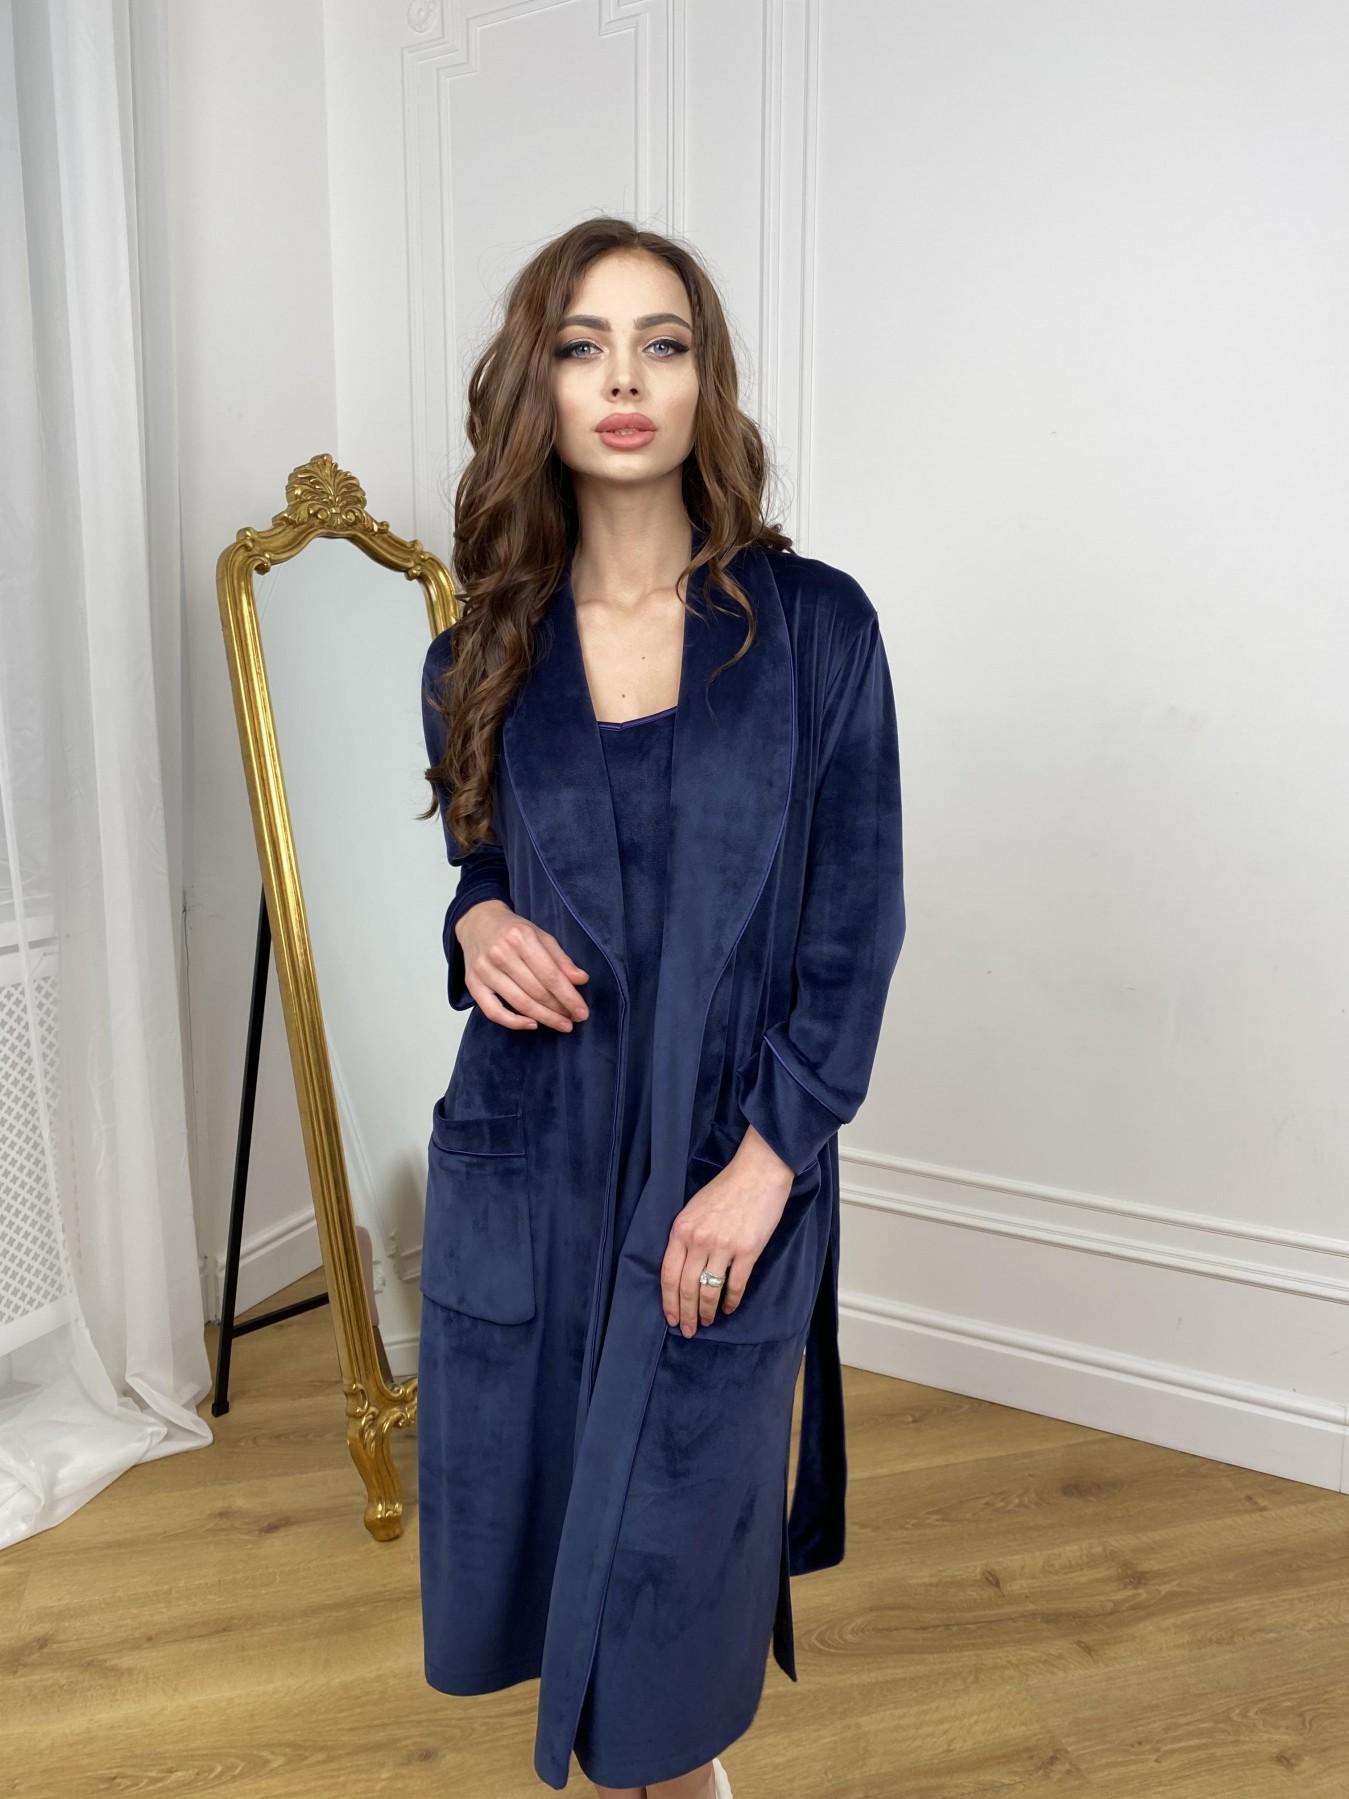 Сандрин миди халат из велюровой ткани 10510 АРТ. 46849 Цвет: т. синий - фото 7, интернет магазин tm-modus.ru